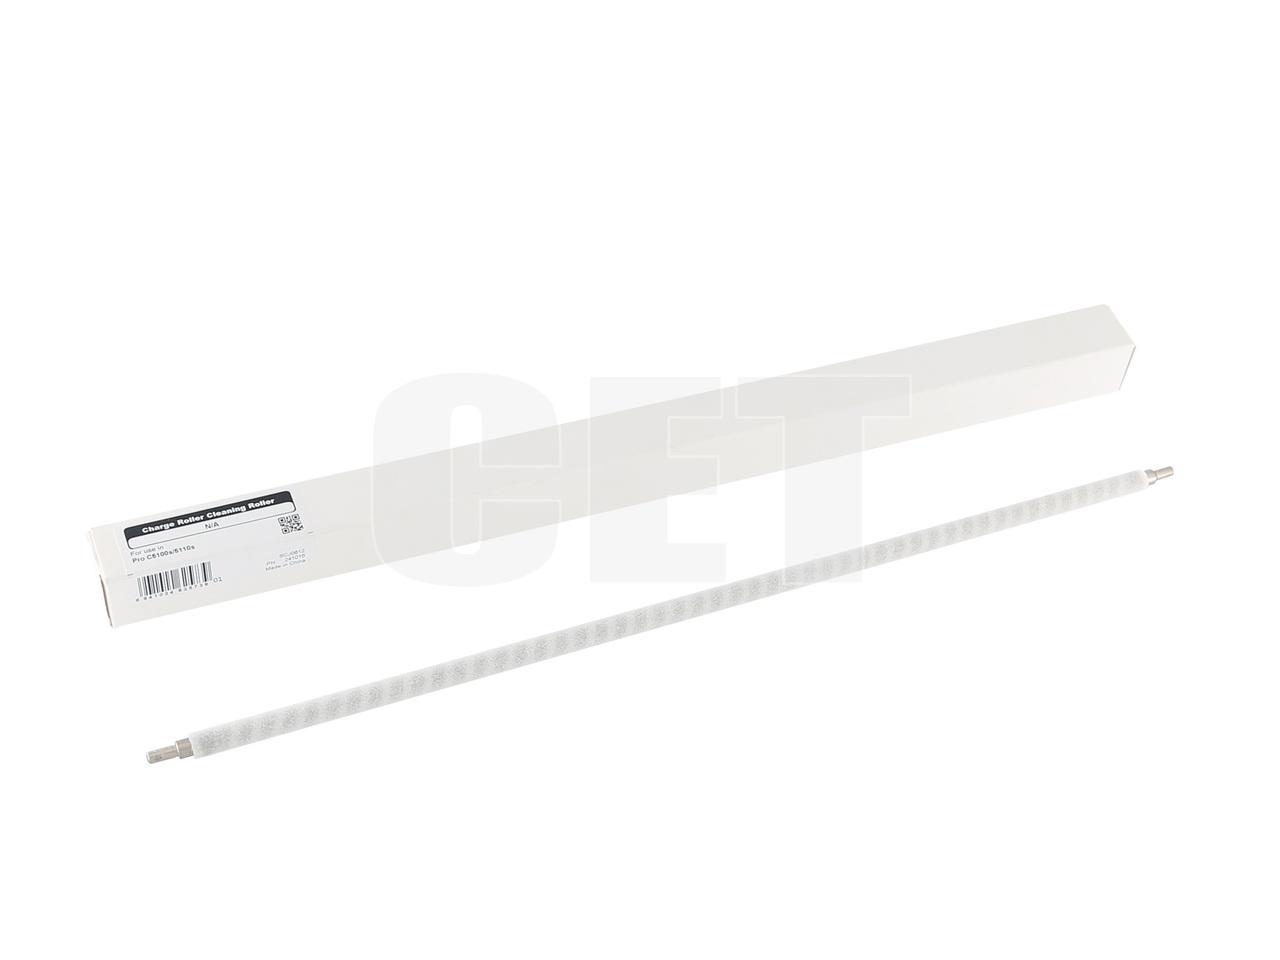 Ролик очистки ролика заряда для RICOH Pro C5100s/5110s(CET), CET241016